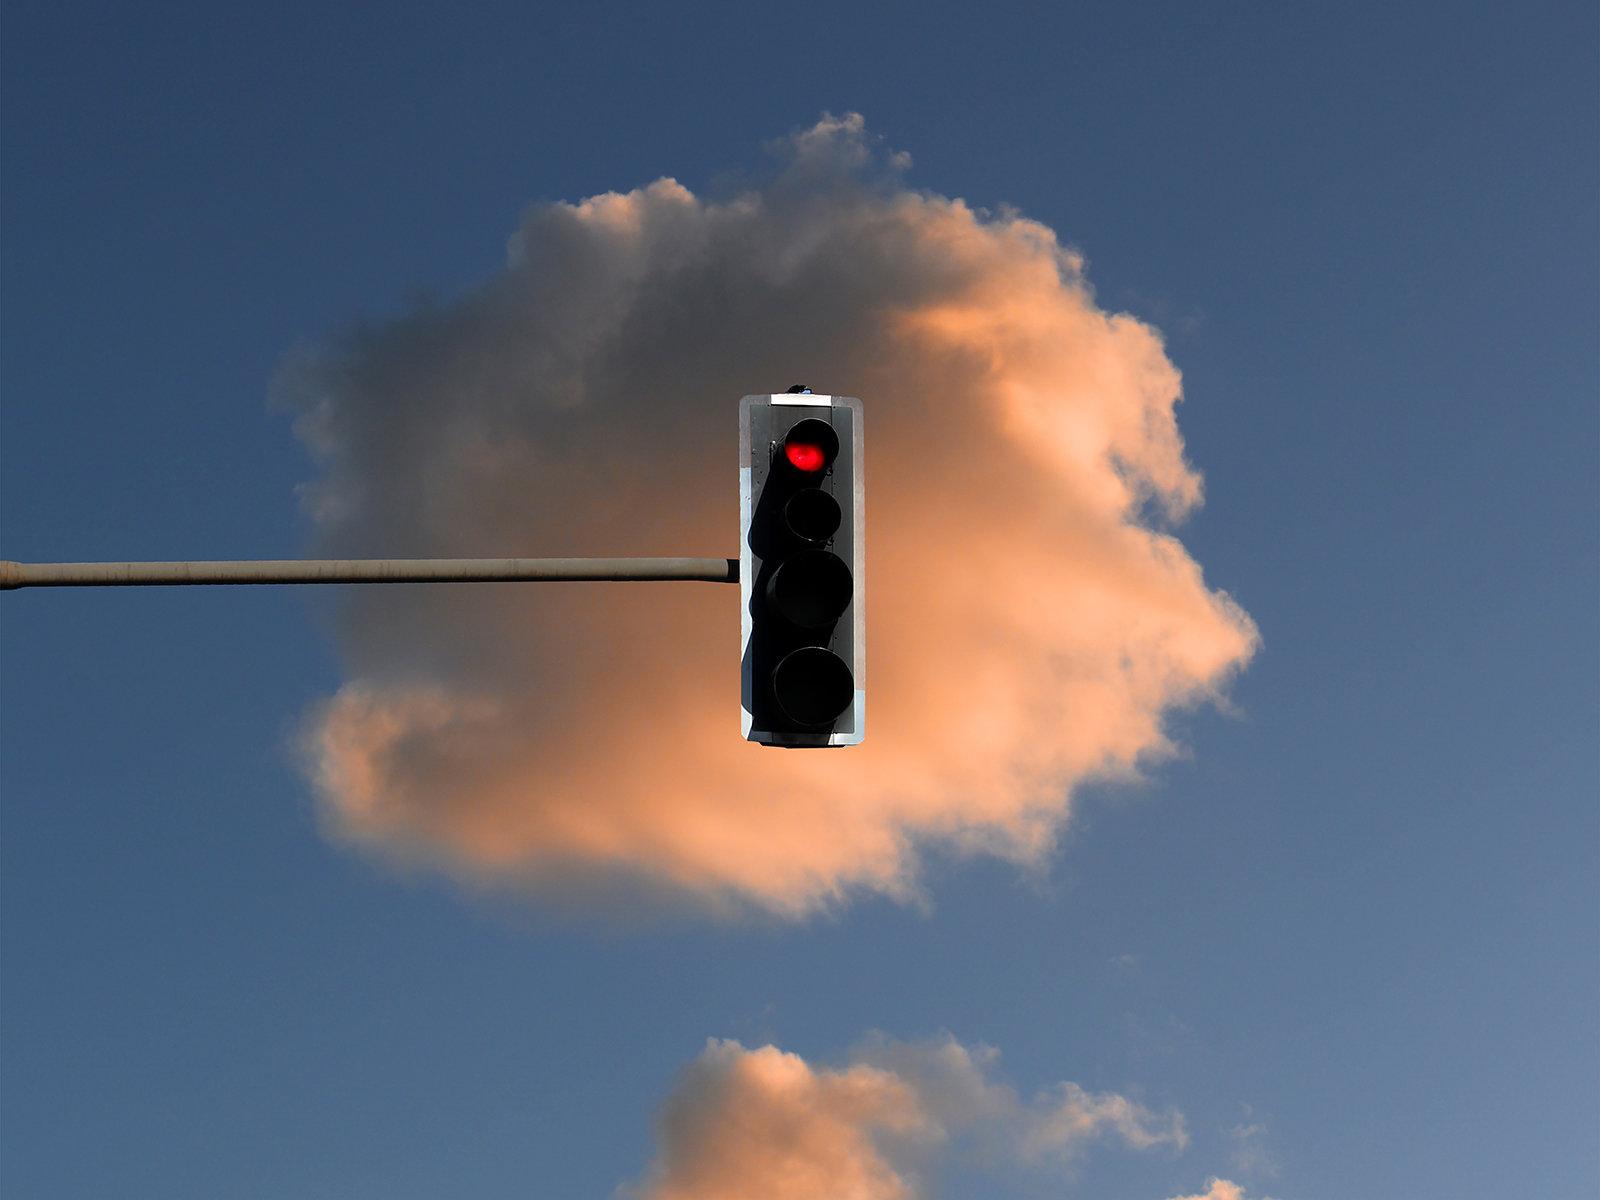 Rote Ampel vor einer Wolke (Sam Johnson)